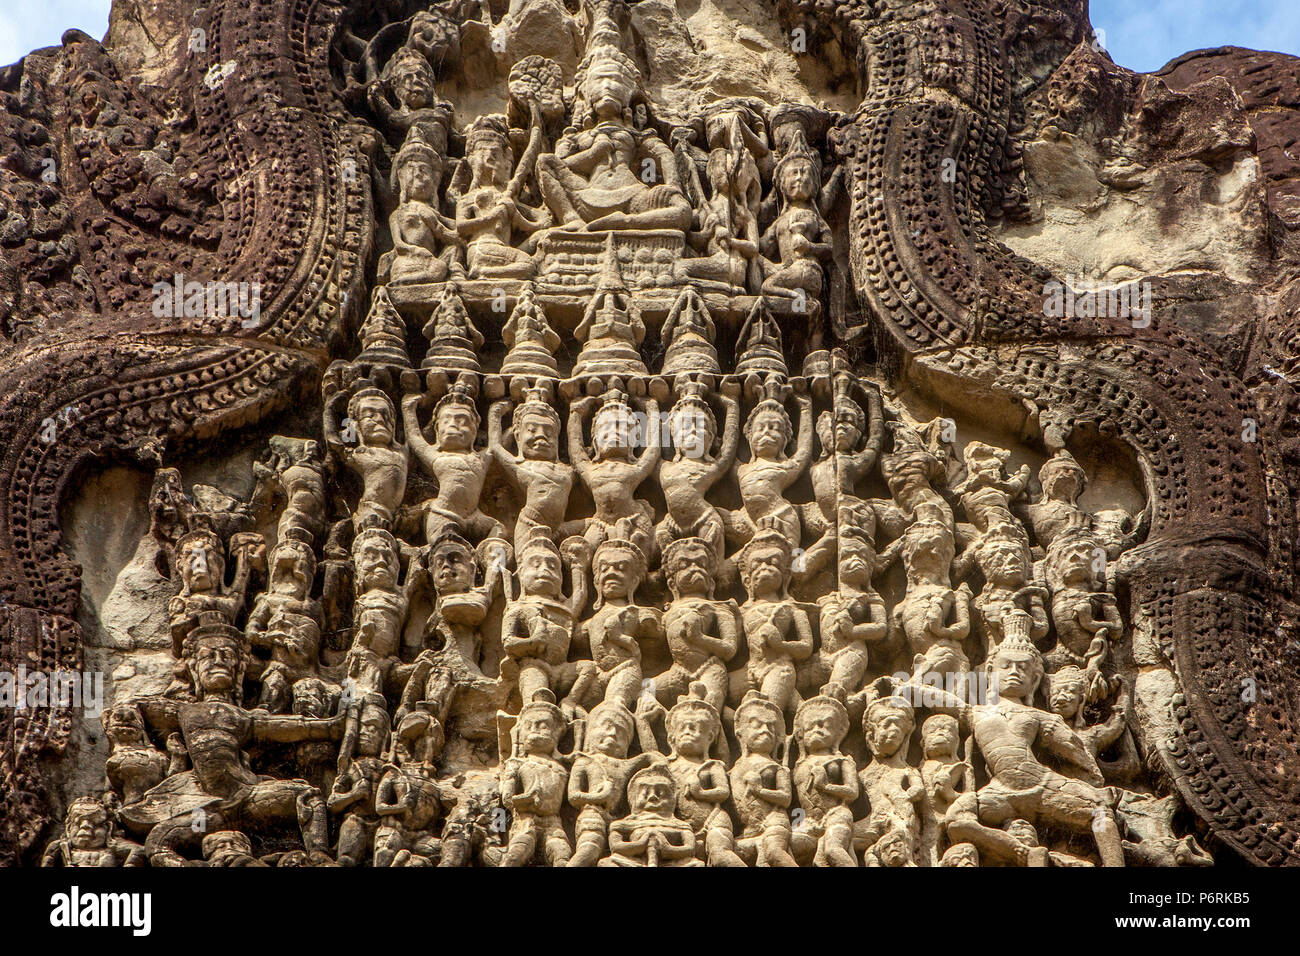 Arenisca tallada elaboradamente frontón del Templo de Angkor Wat en Siem Reap, Camboya. Imagen De Stock